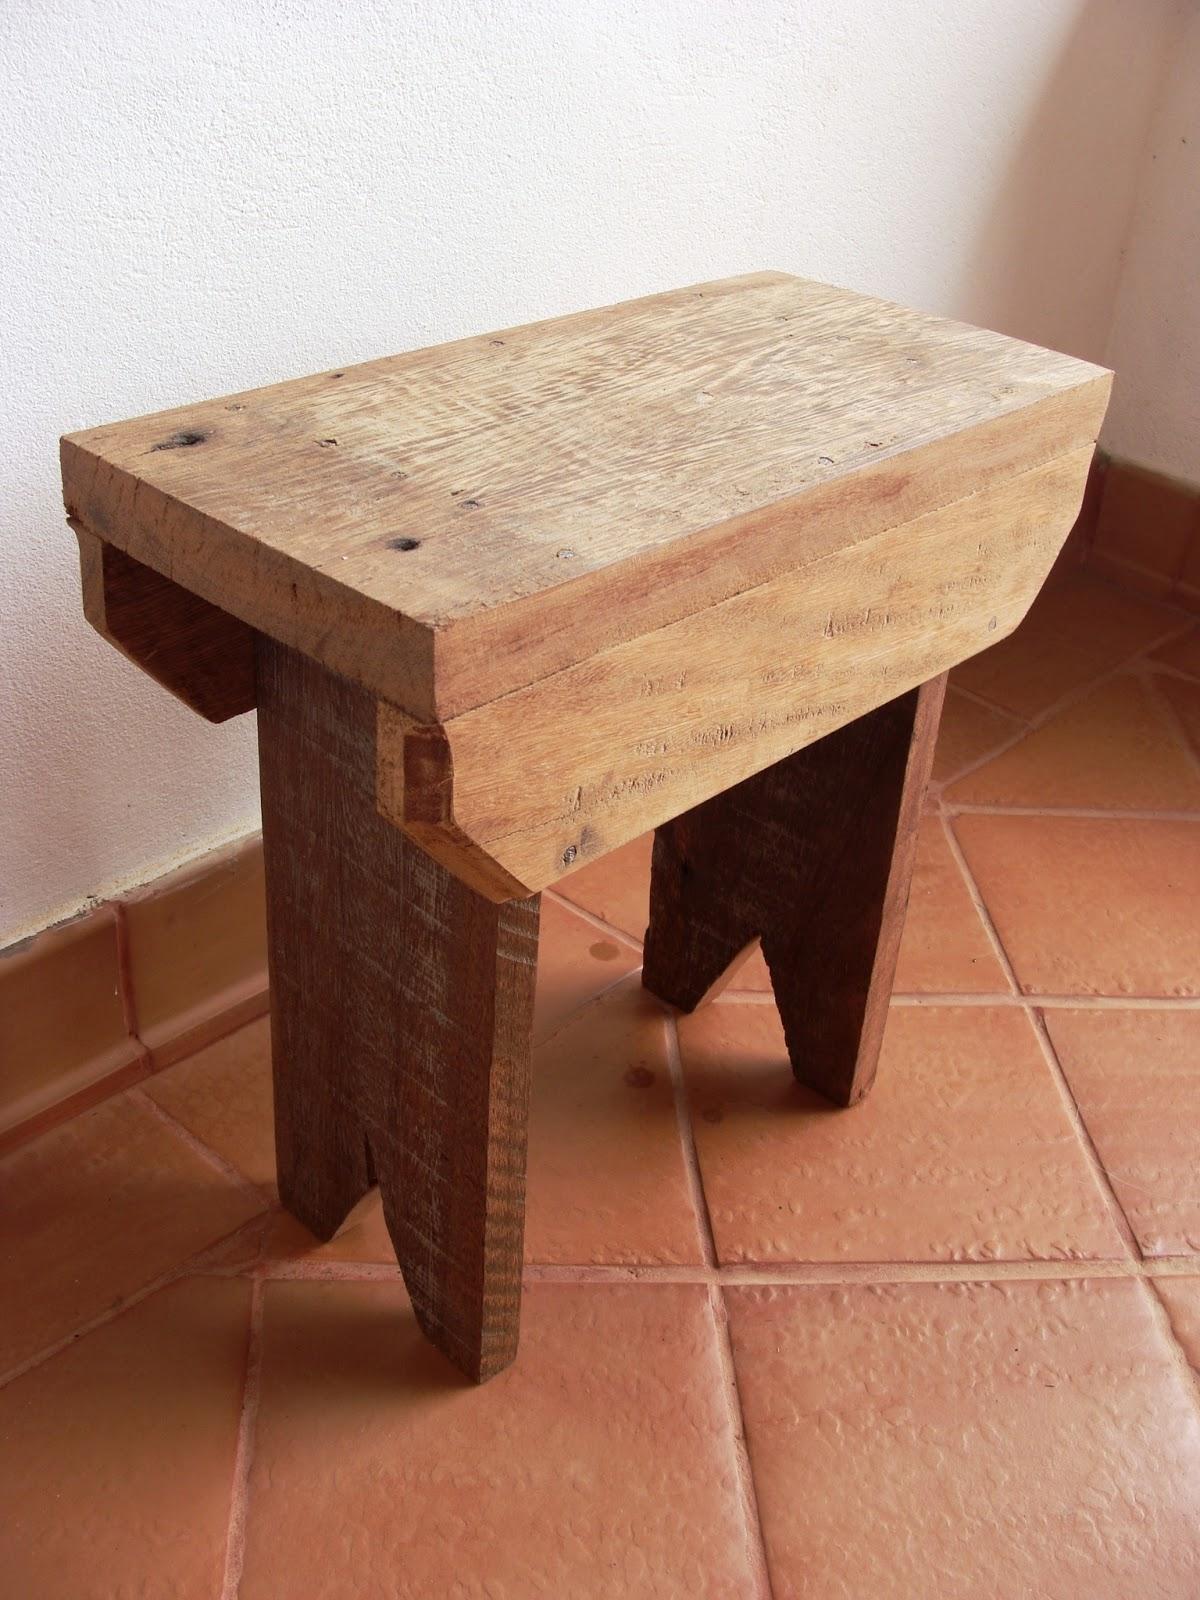 Ô SÔ: Banco de madeira de demolição #3D1910 1200x1600